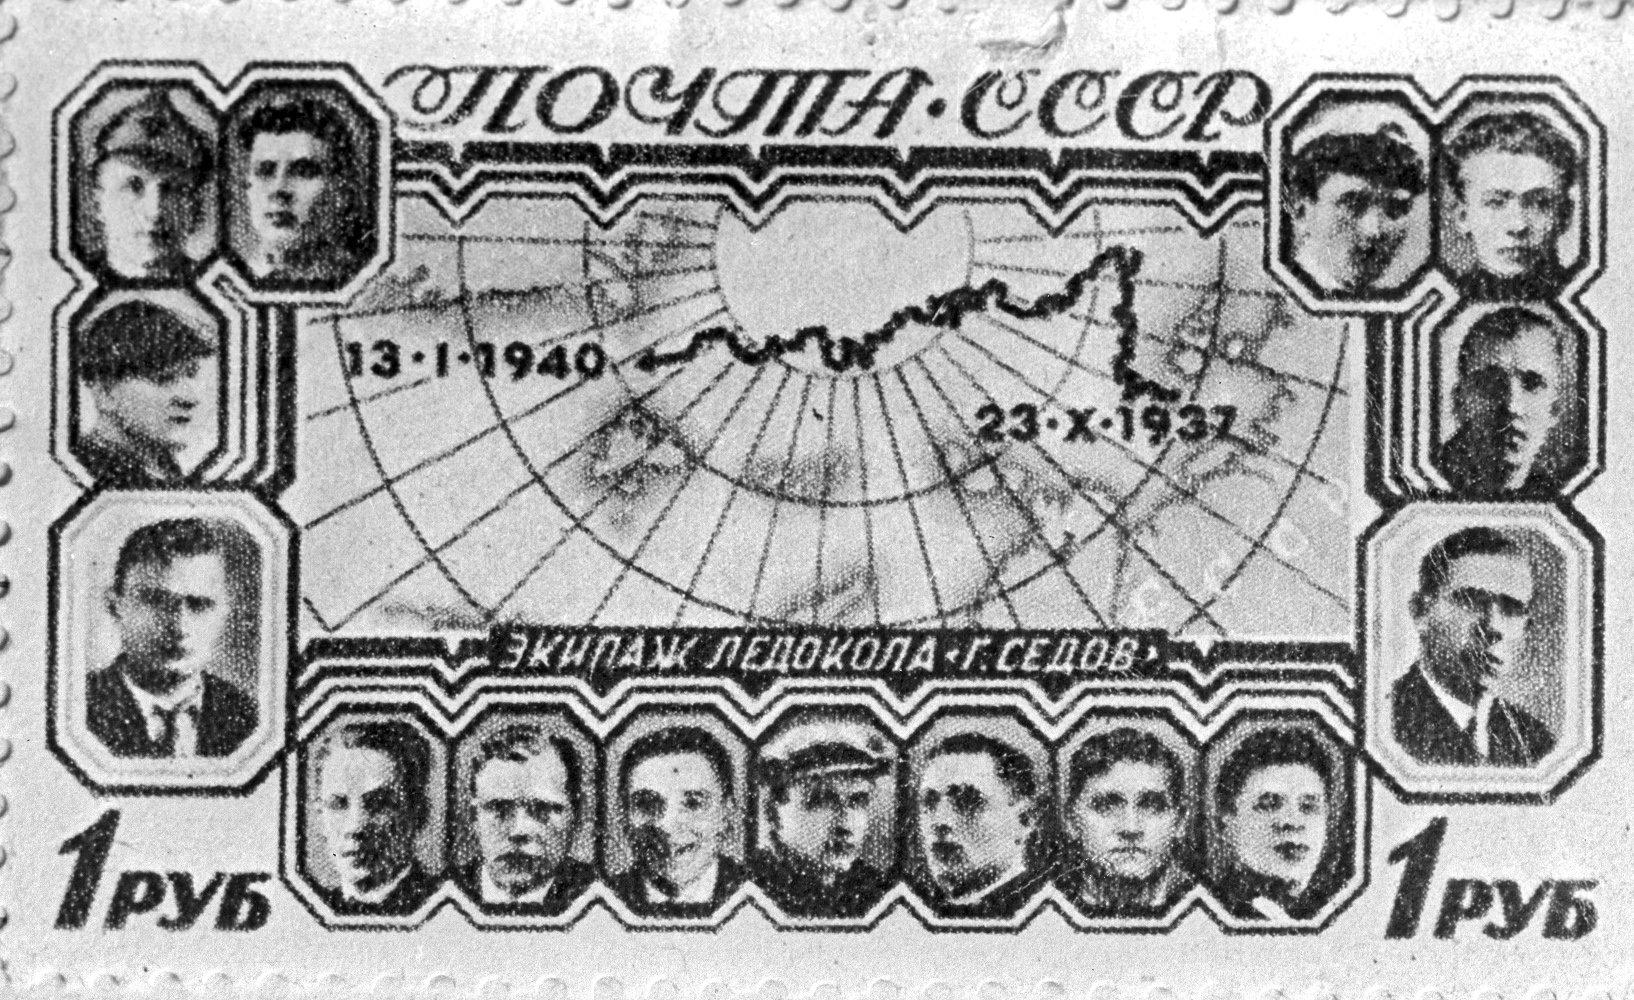 Советская почтовая марка 1940 года с портретами членов экипажа ледокола Георгий Седов. Репродукция